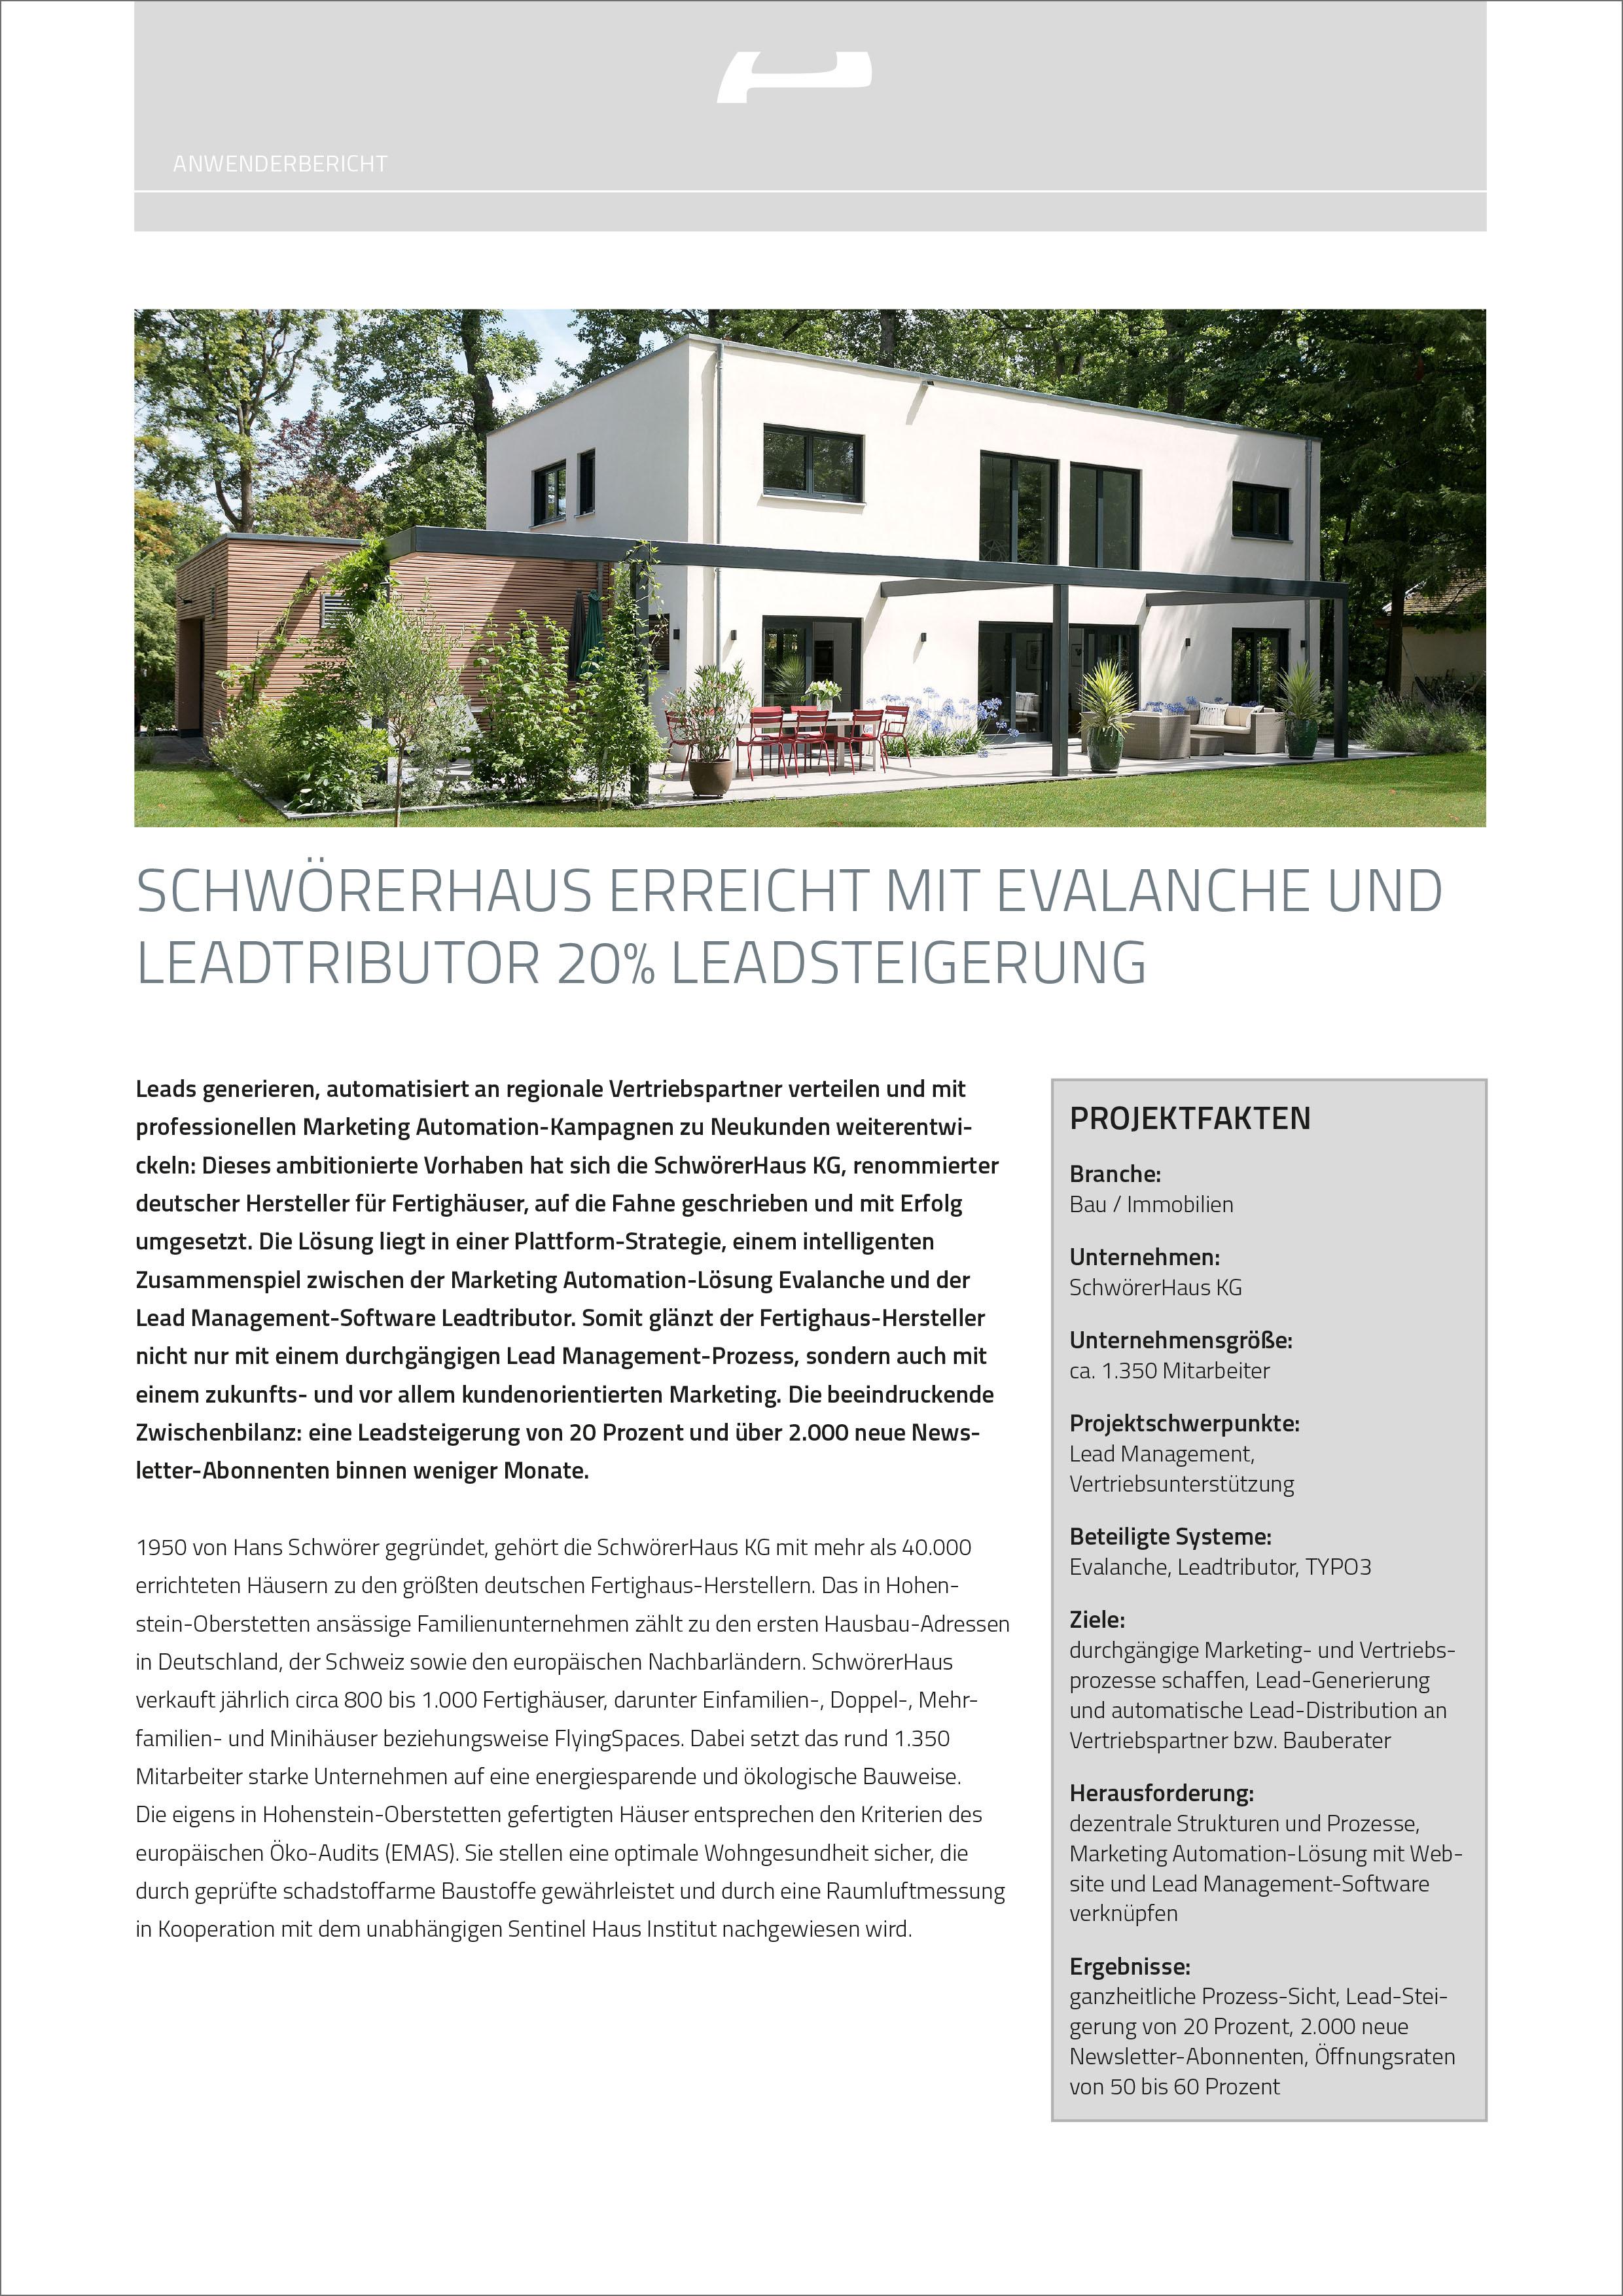 PDF Anwenderbericht SchwörerHaus